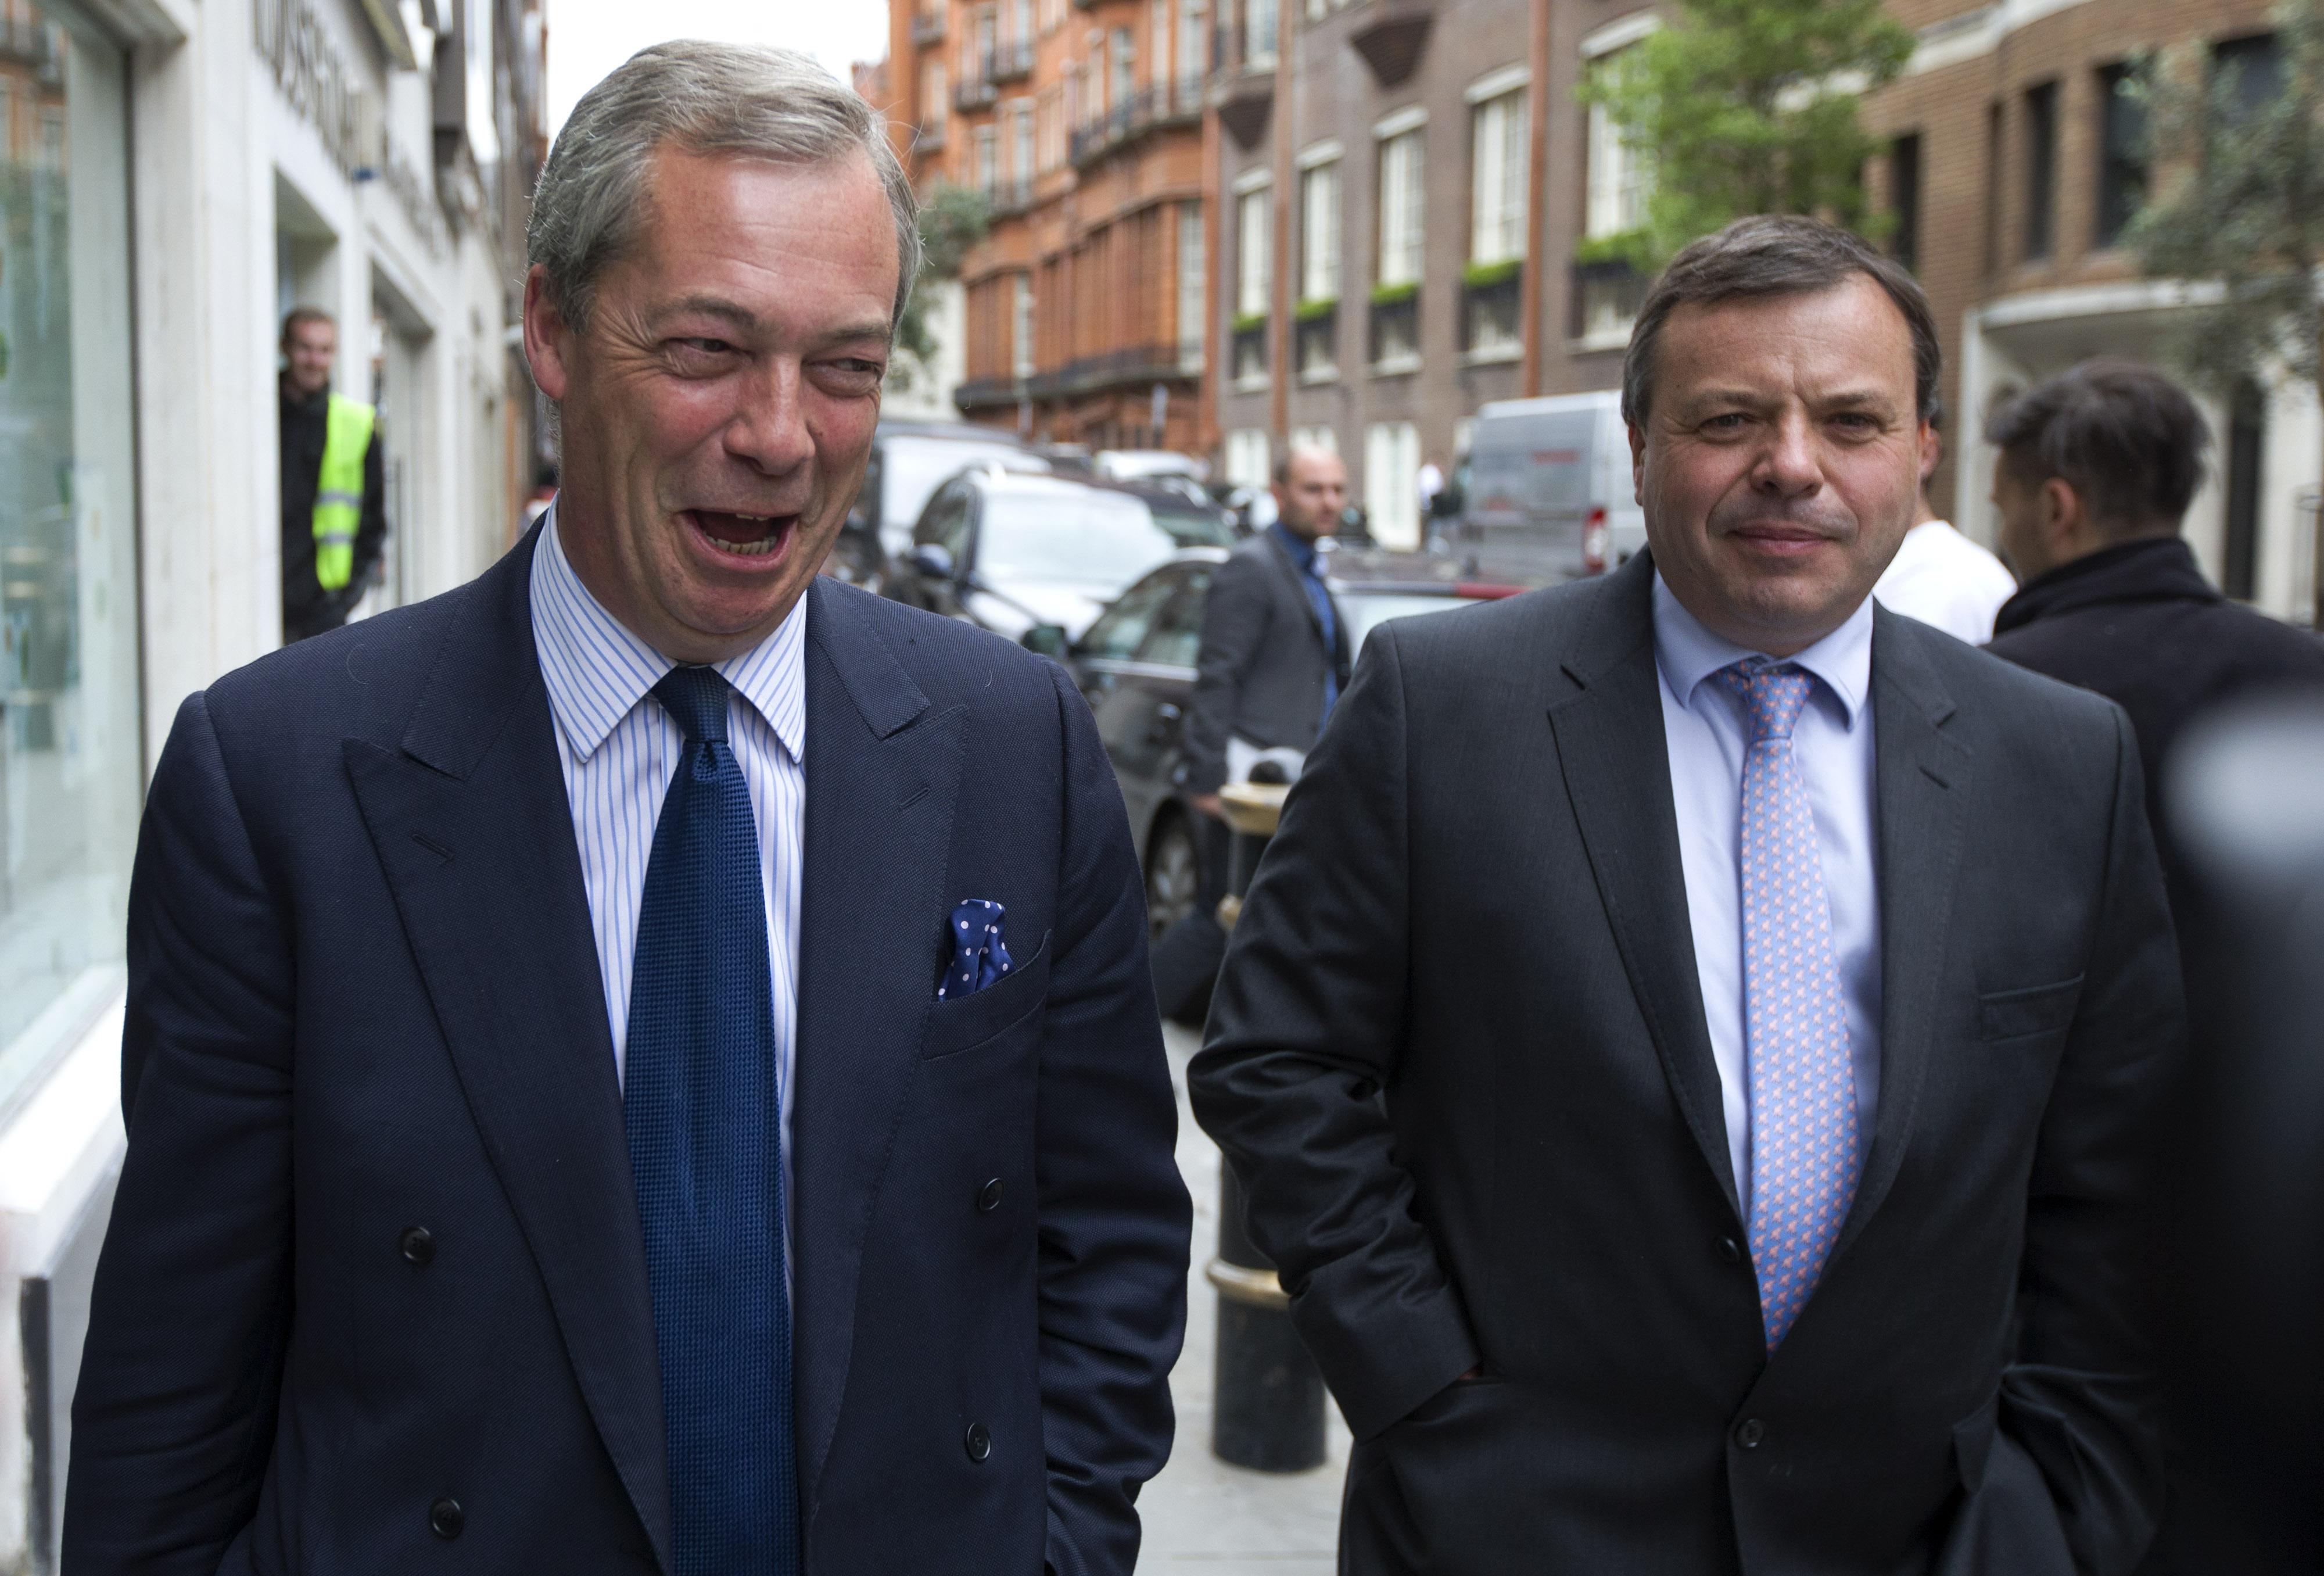 160 millió forintot költött Nigel Farage fényűző életmódjára a népszavazás óta a brit üzletember, akit korábban az oroszokkal is hírbe hoztak